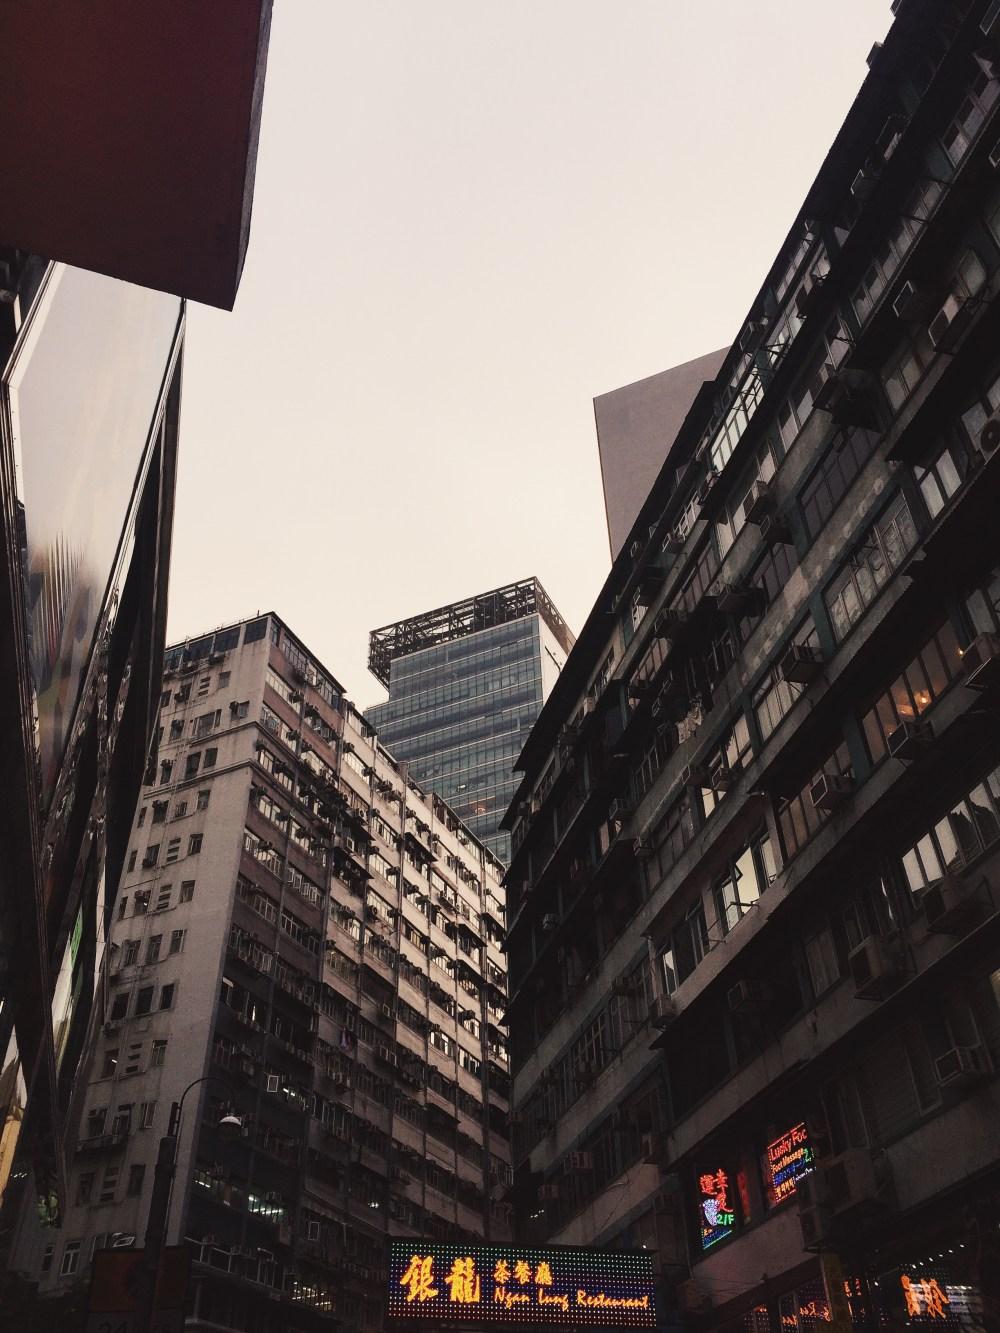 7 Nov 2015: K11 | Tsim Sha Tsui, Hong Kong